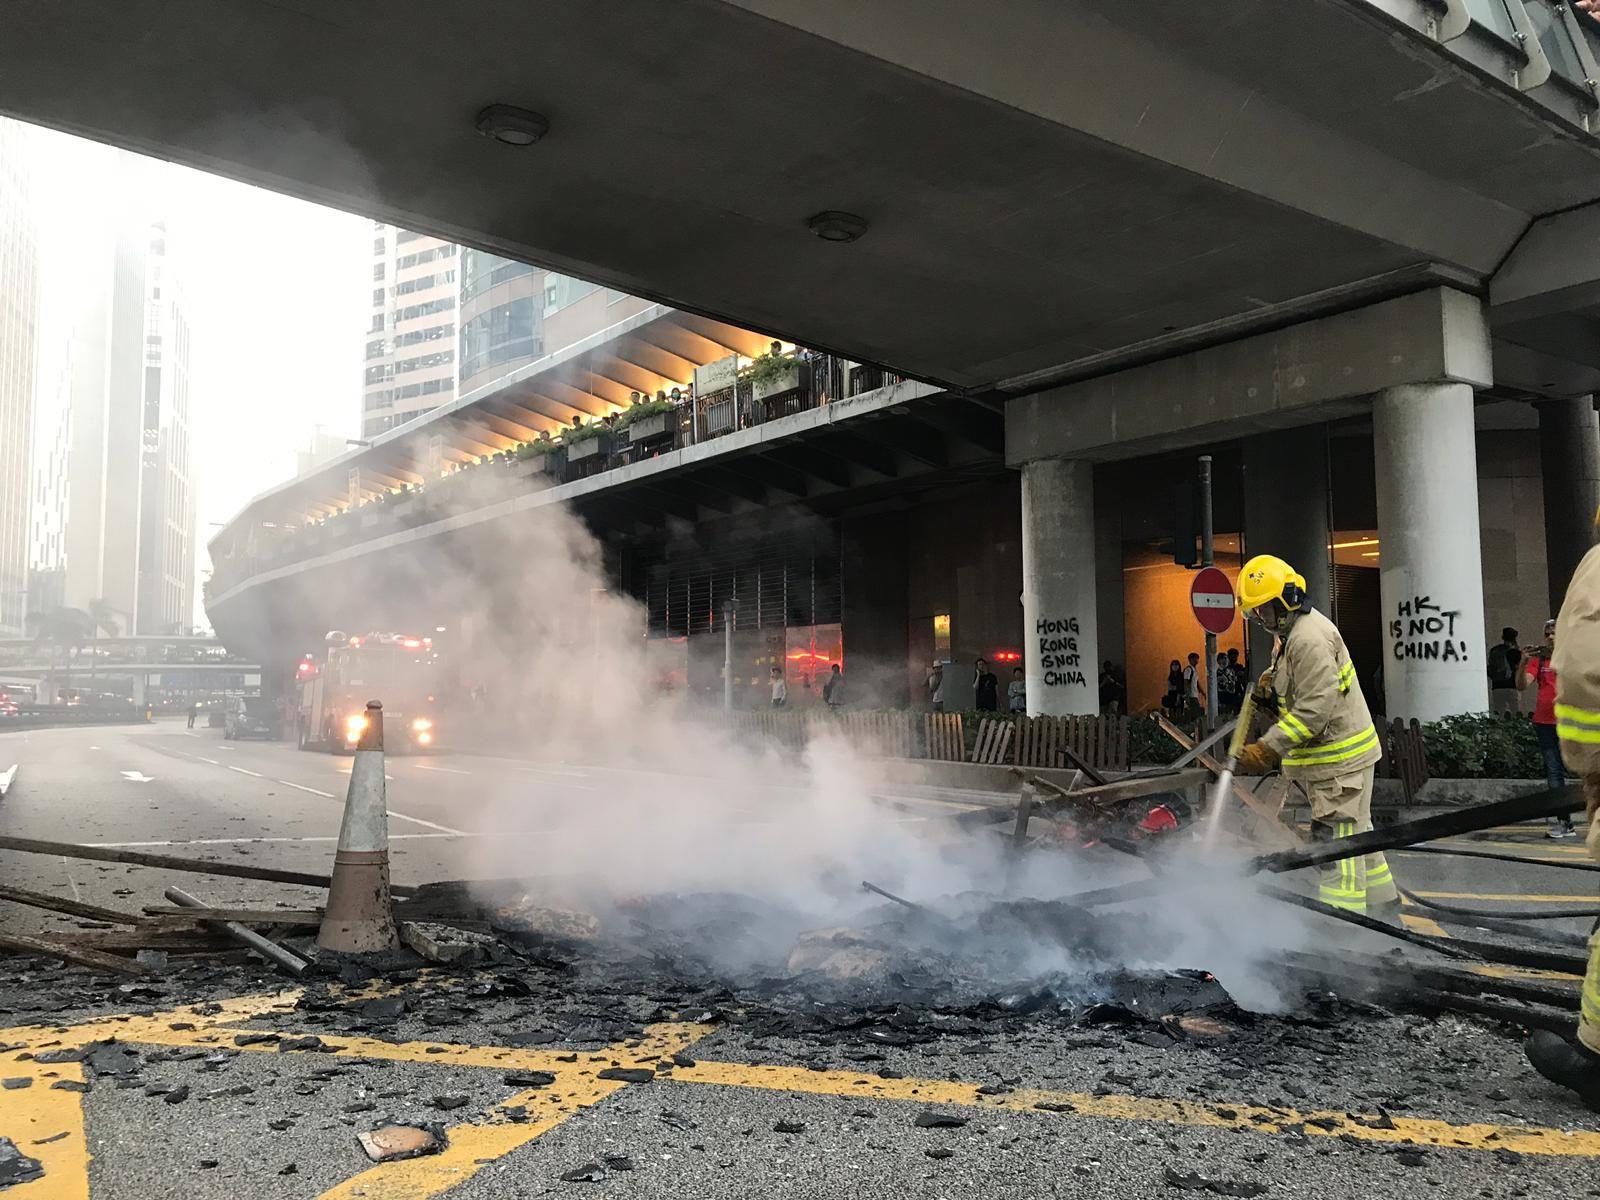 【修例风波】示威者中华总商会会址外纵火 打爆美心玻璃窗吉野家捣乱